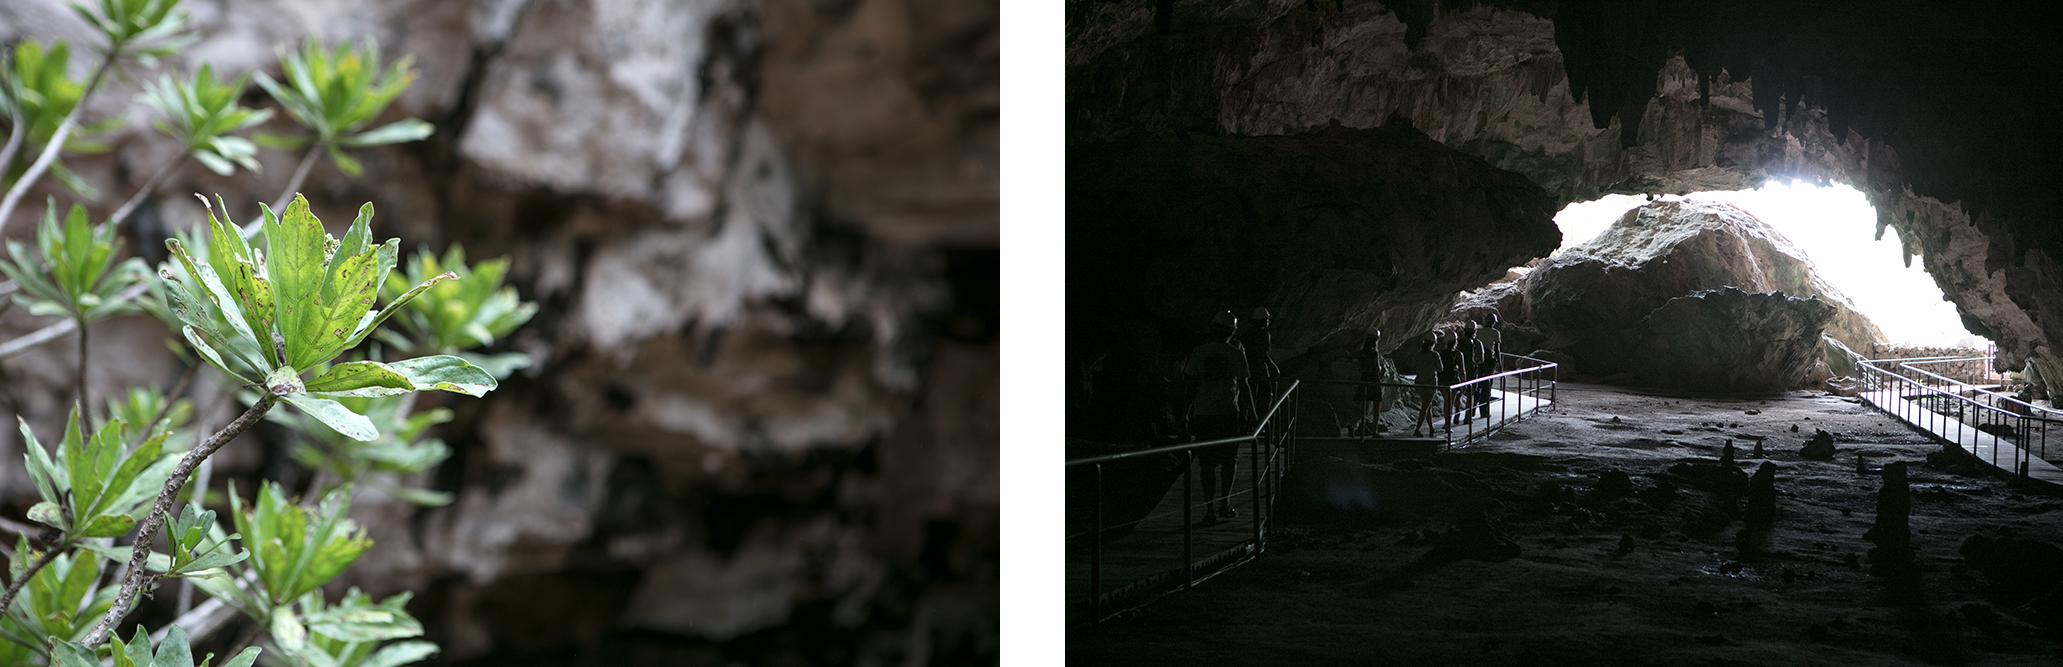 caverne Francois leguat